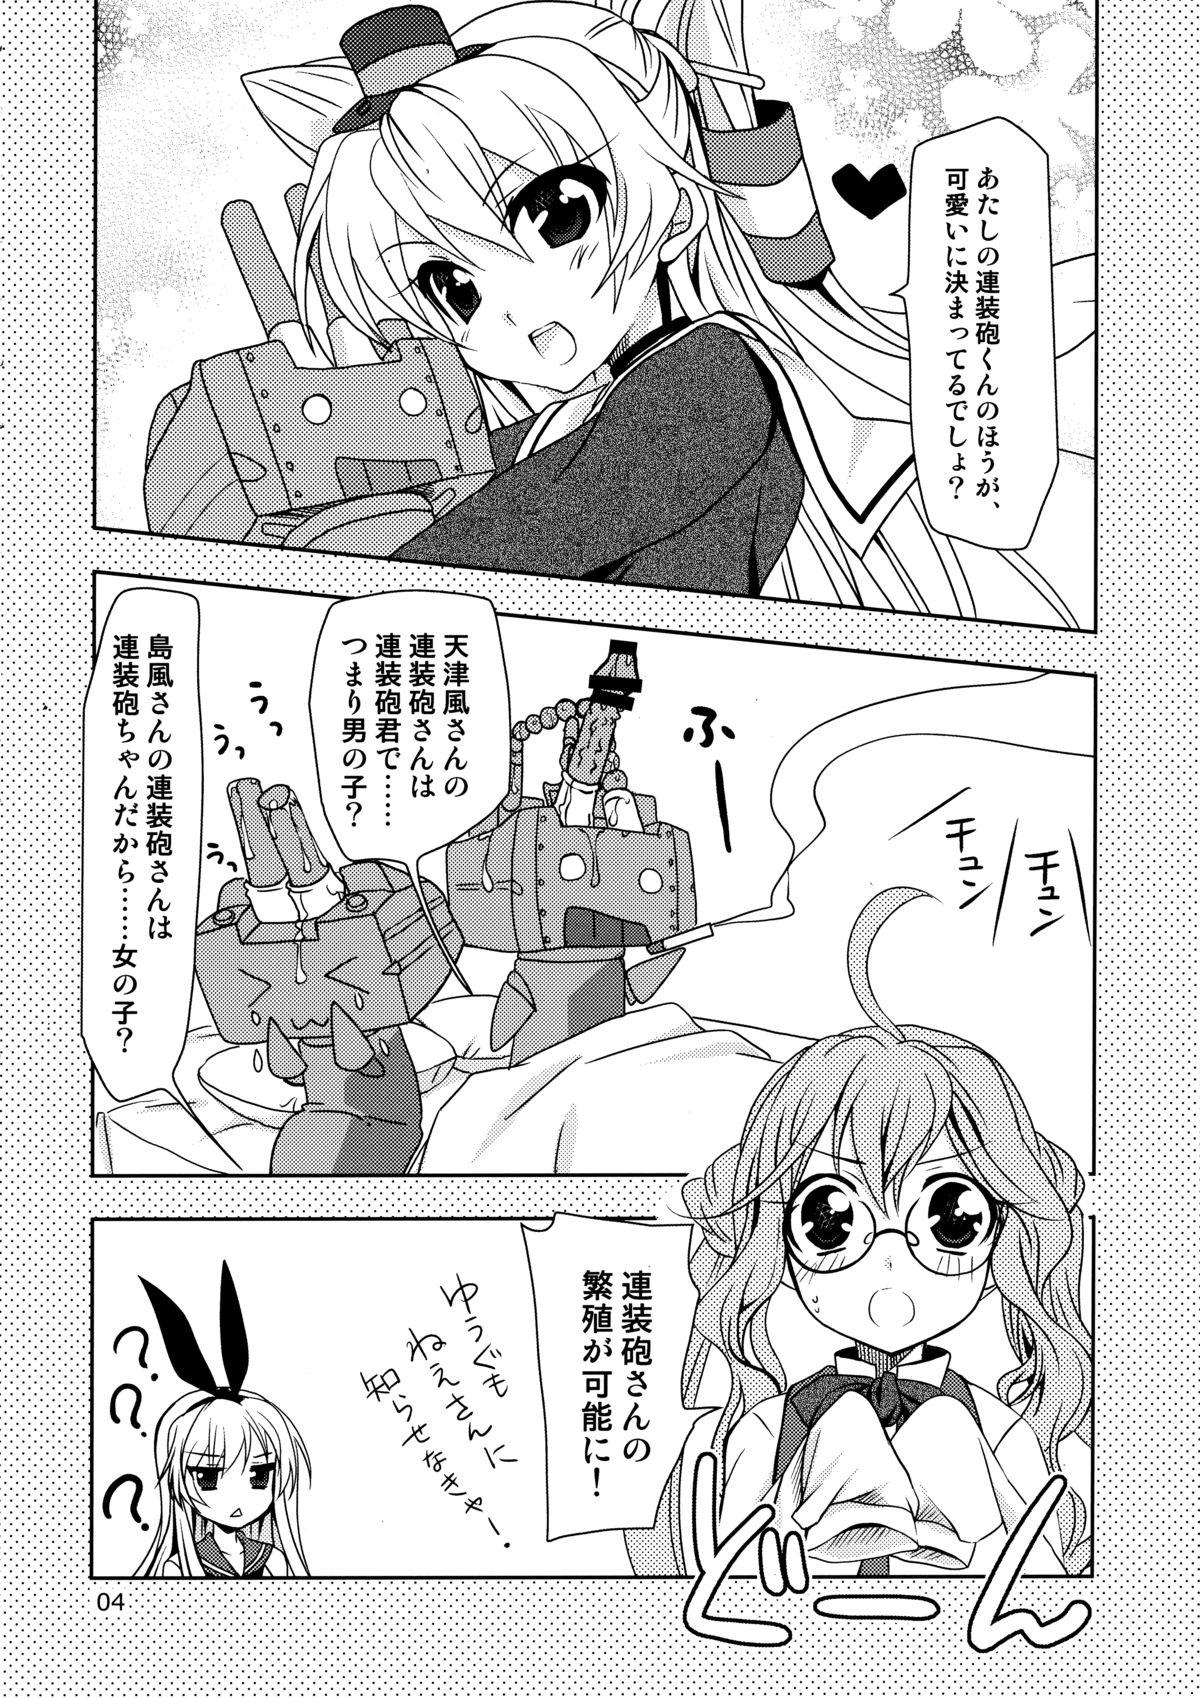 Dai 8 Kiiroi Kantai 3